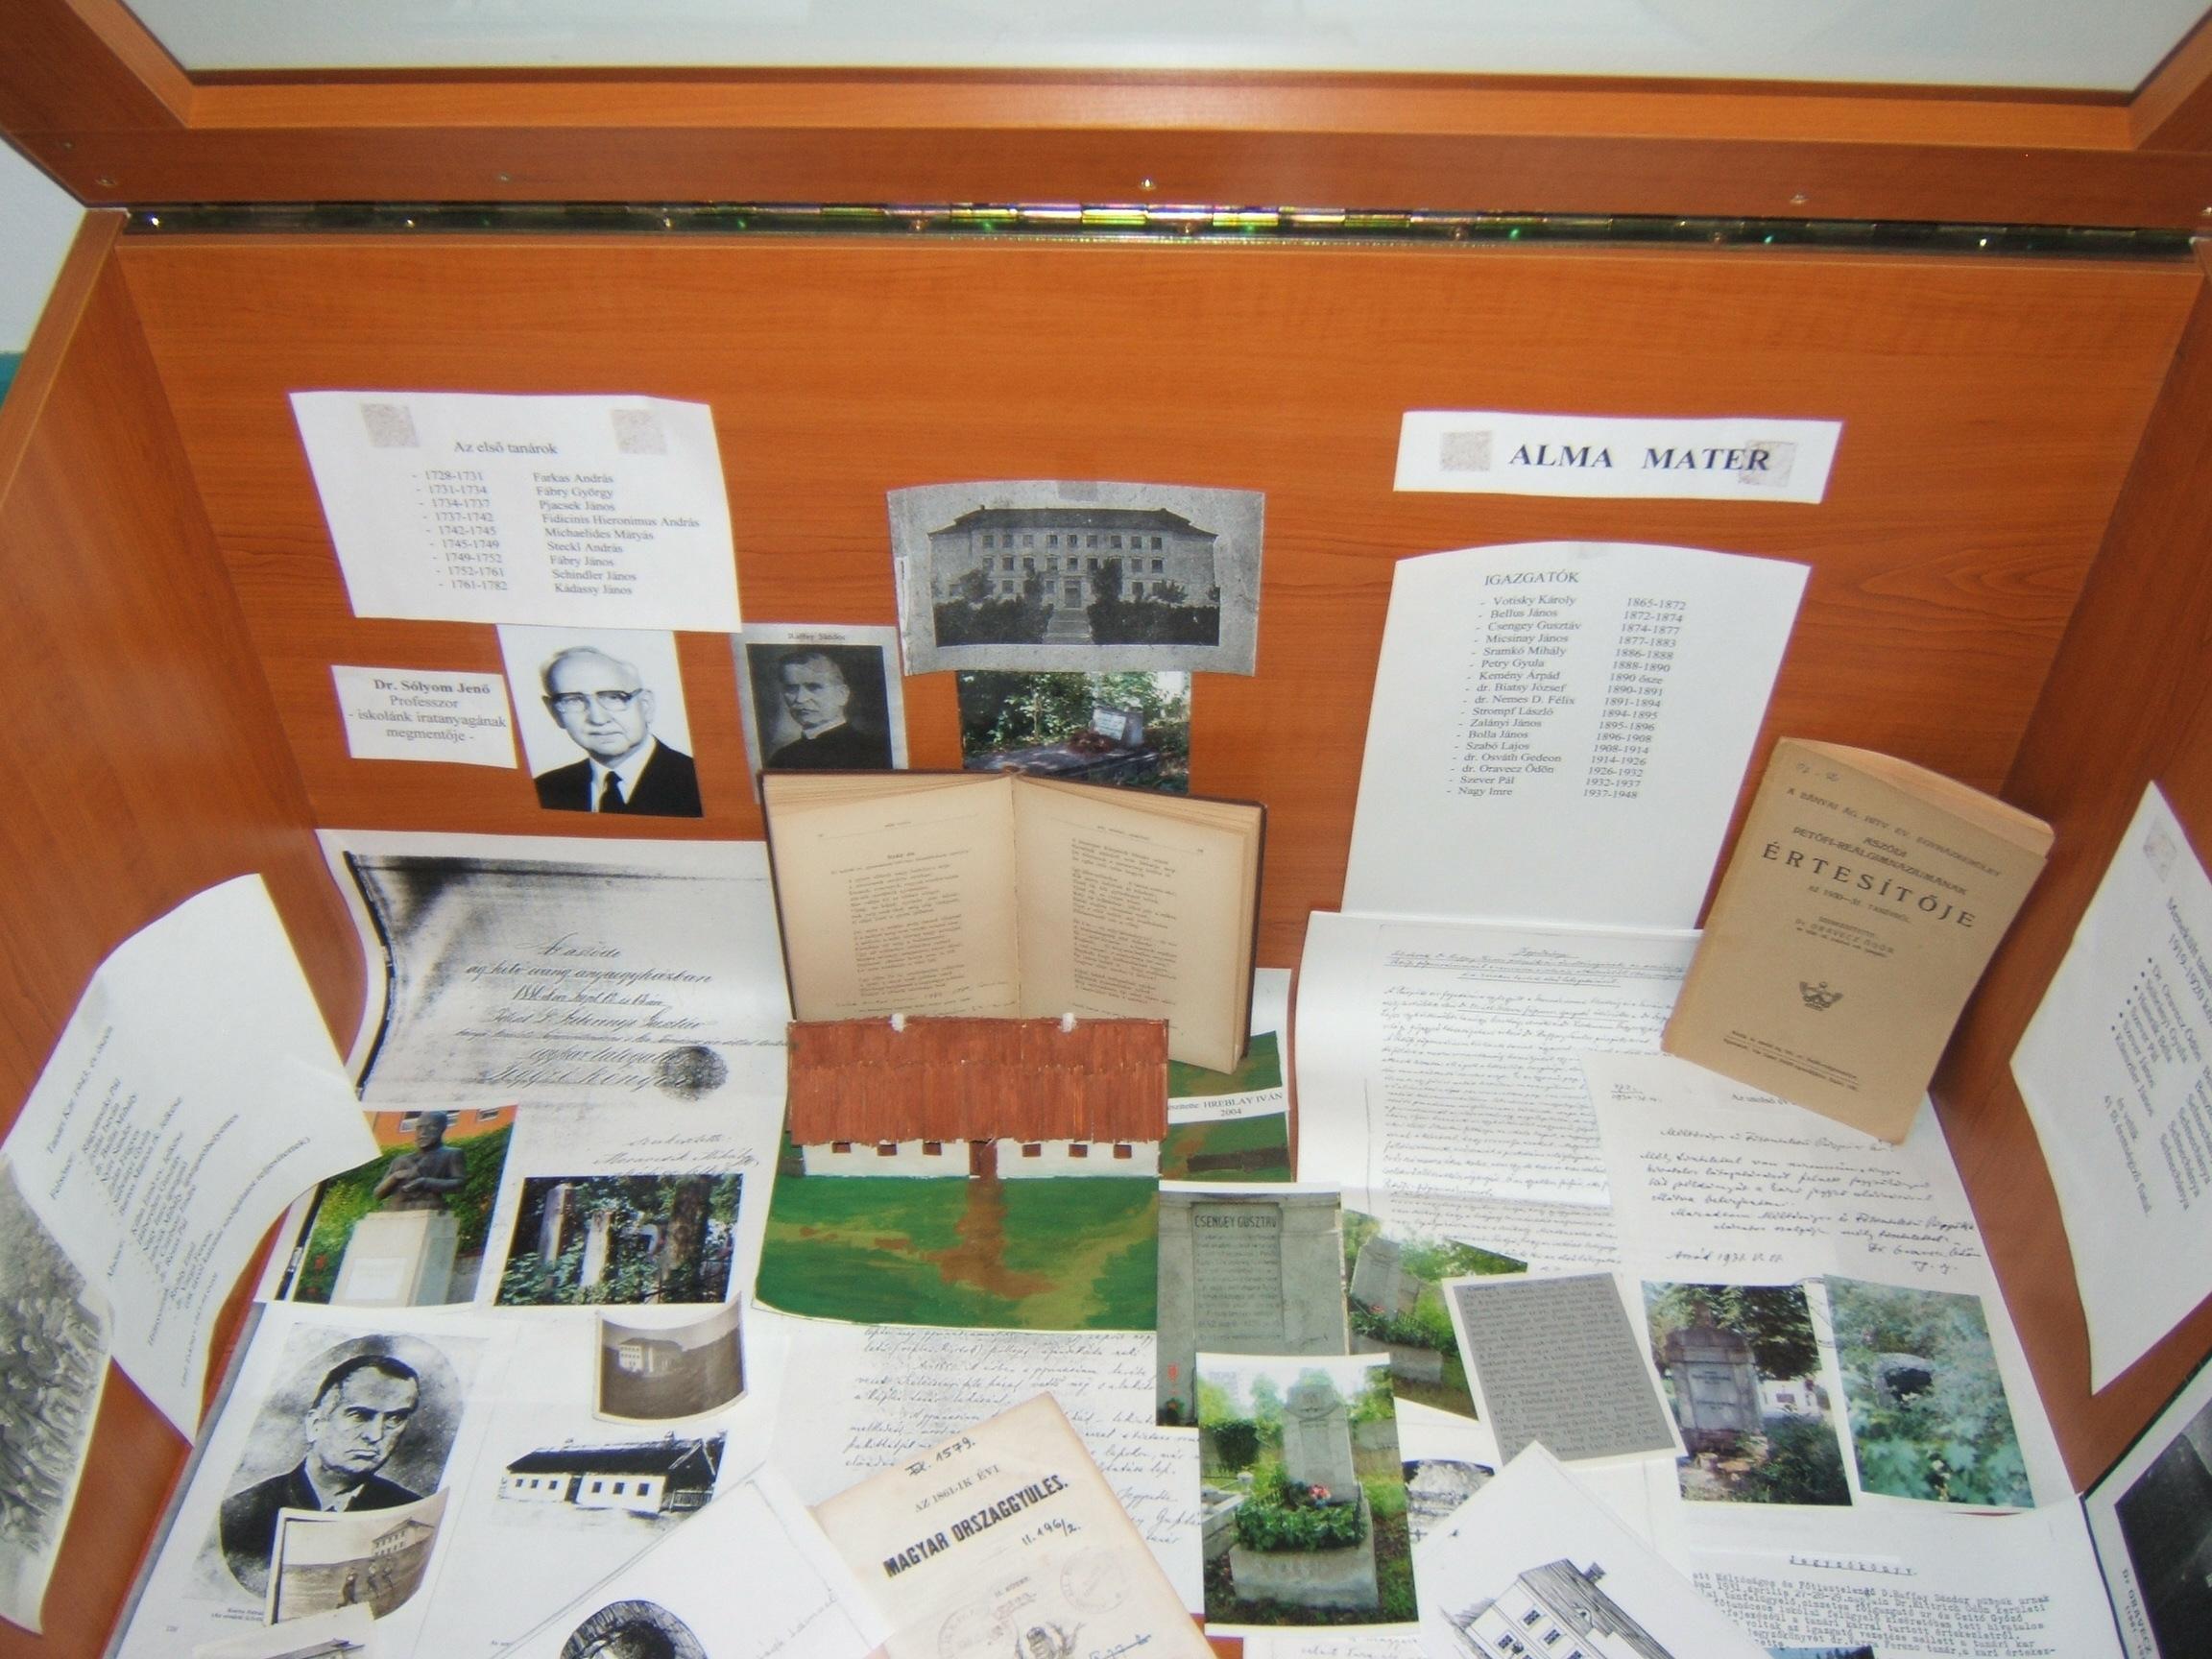 Múzeum képek 2008.12.11.csütörtök középső sor jobb alsó fal 028